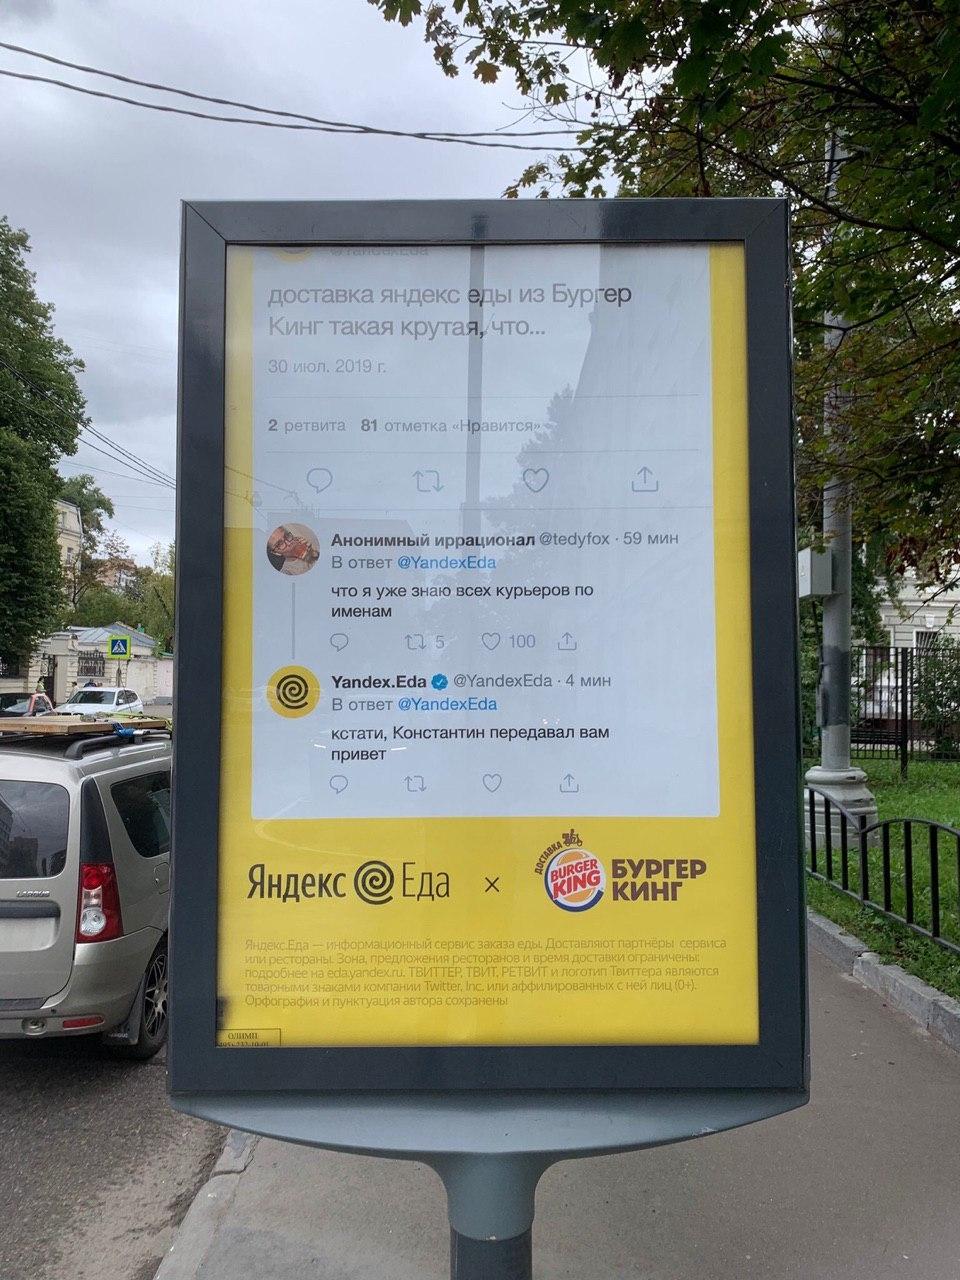 Реклама в виде переписки в twitter